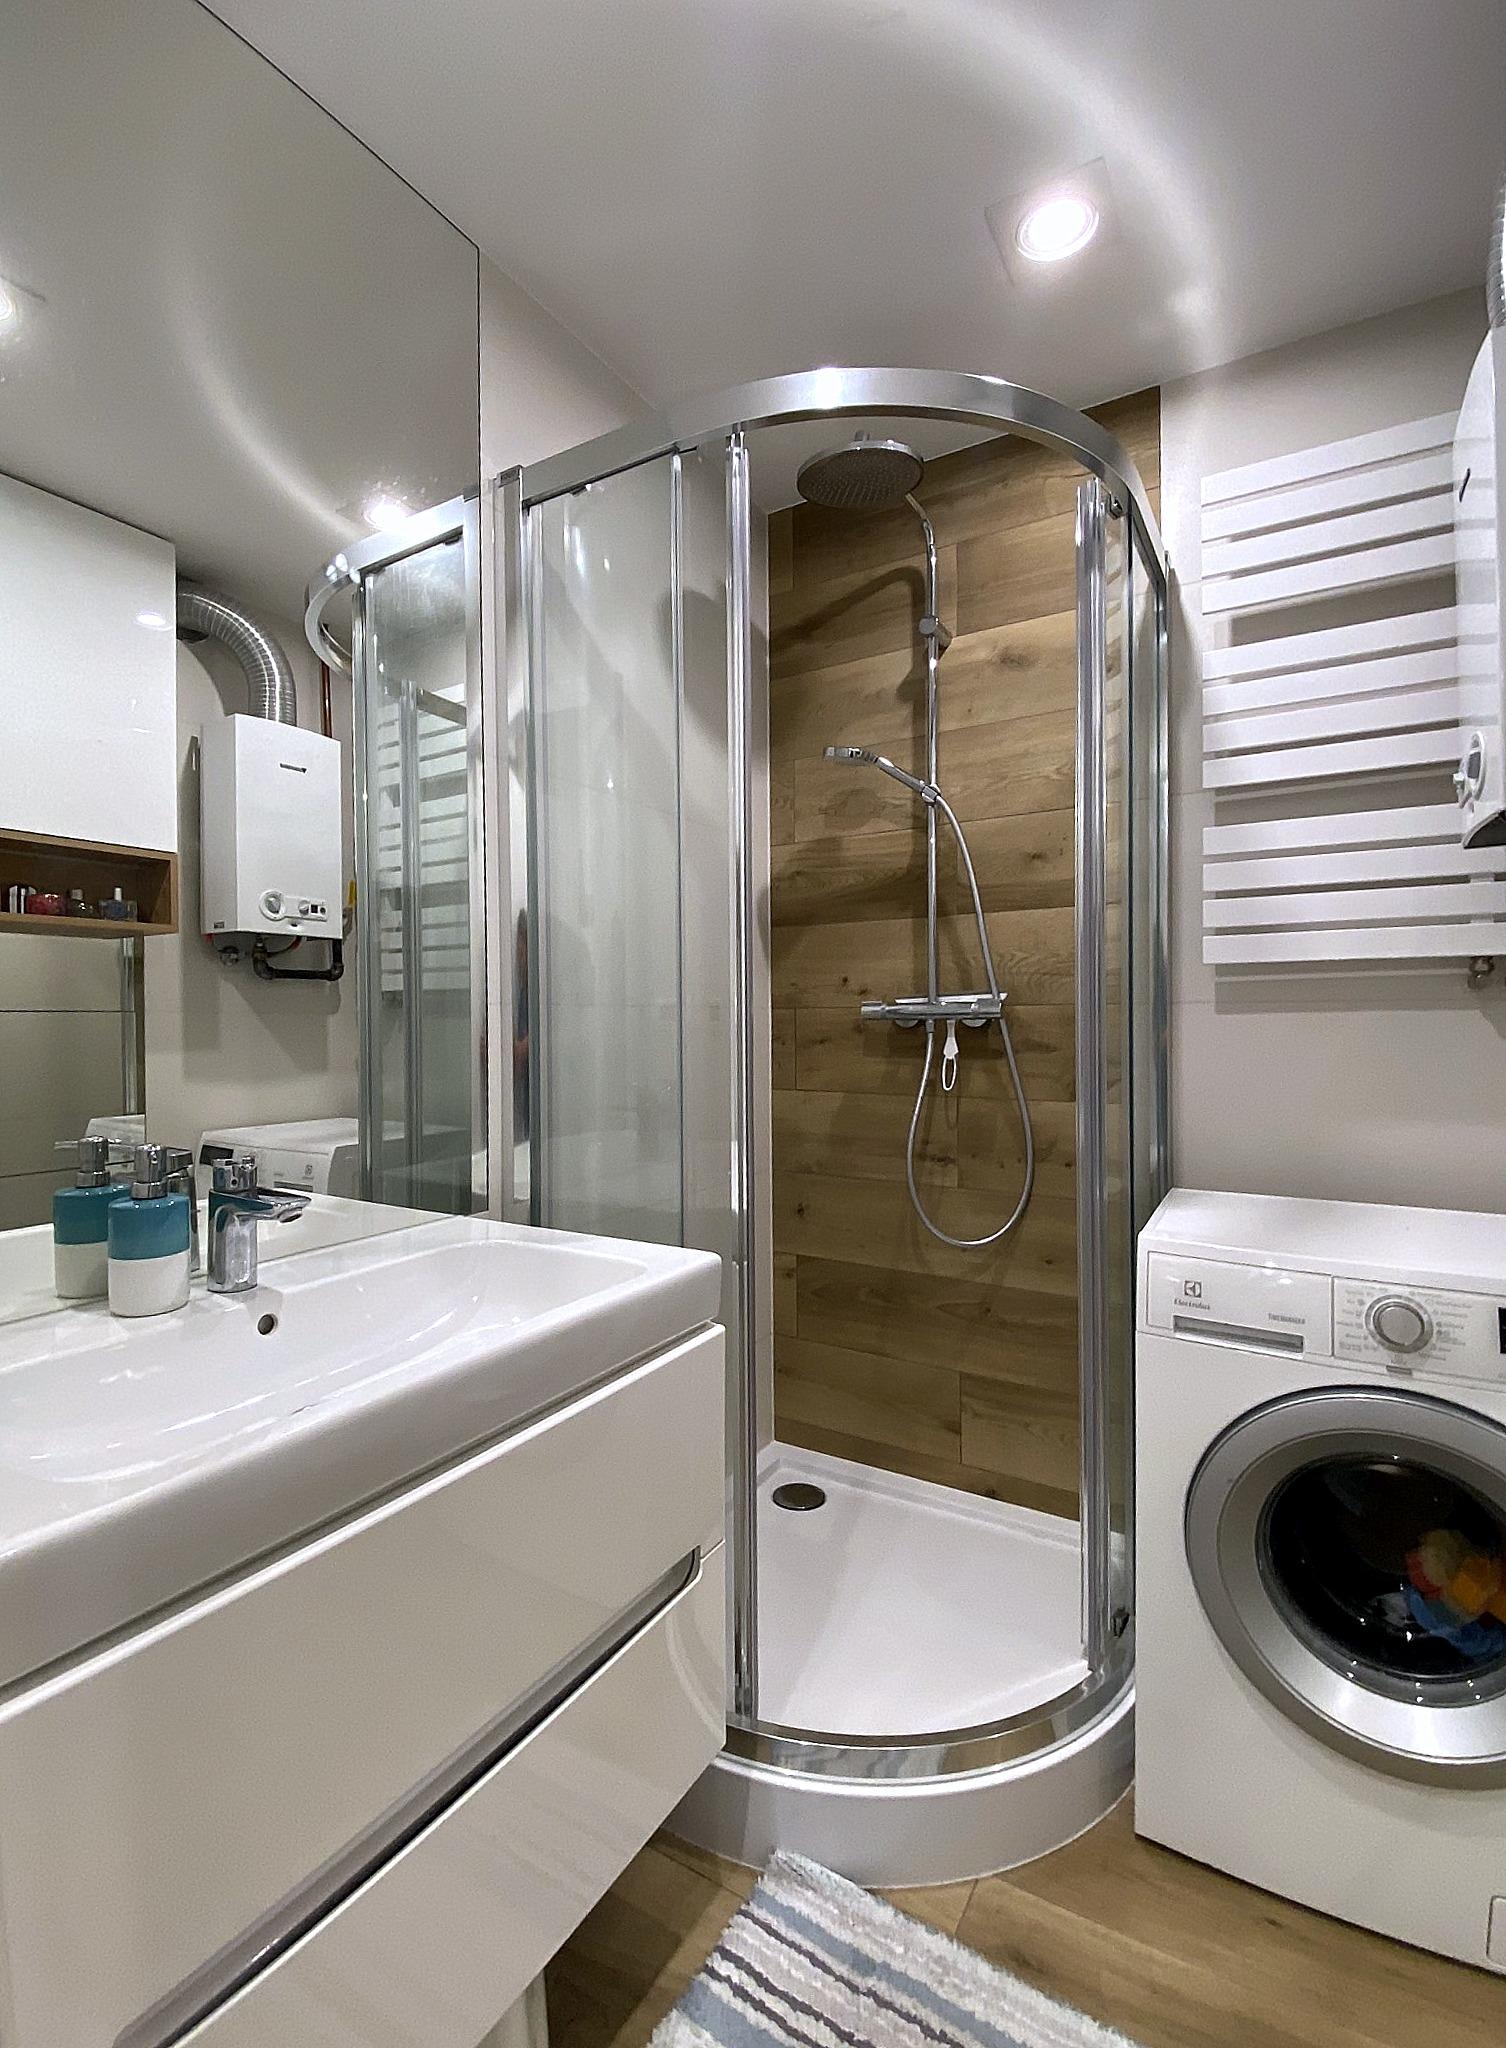 projekt wnętrz łazienki awx2 architekci (5)